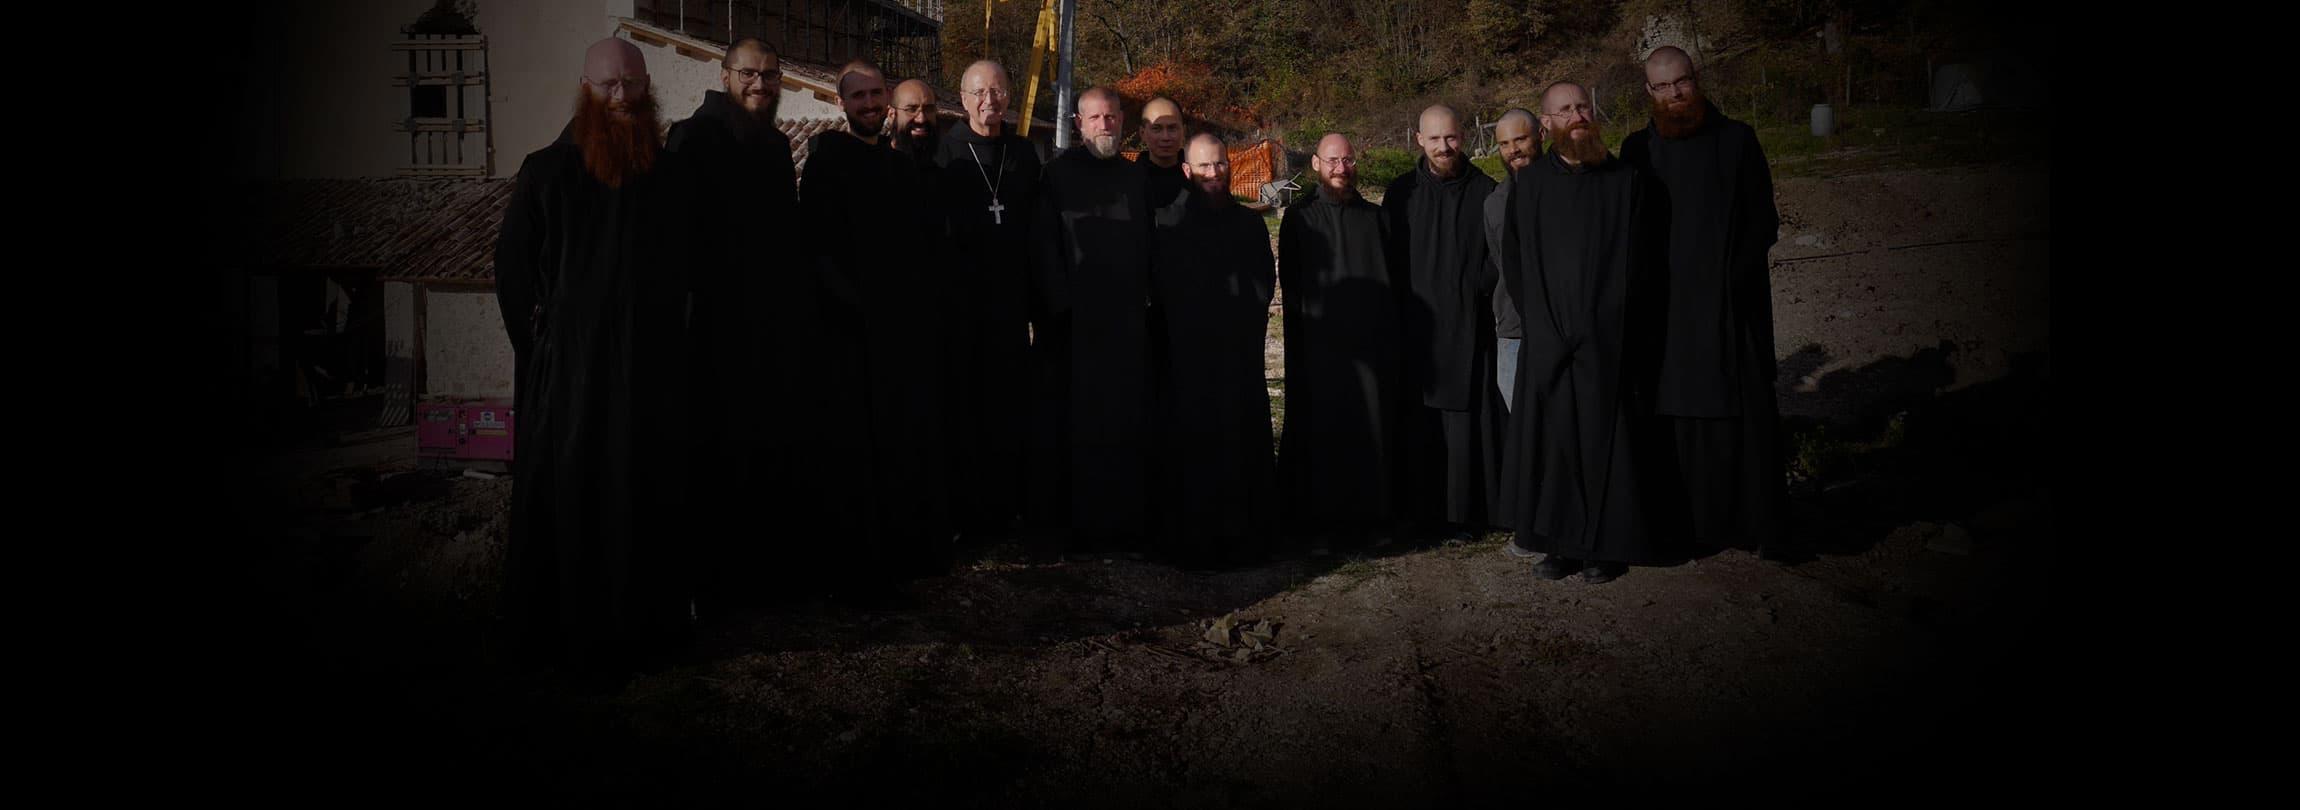 Conheça a história dos monges que cantam e rezam na terra de São Bento